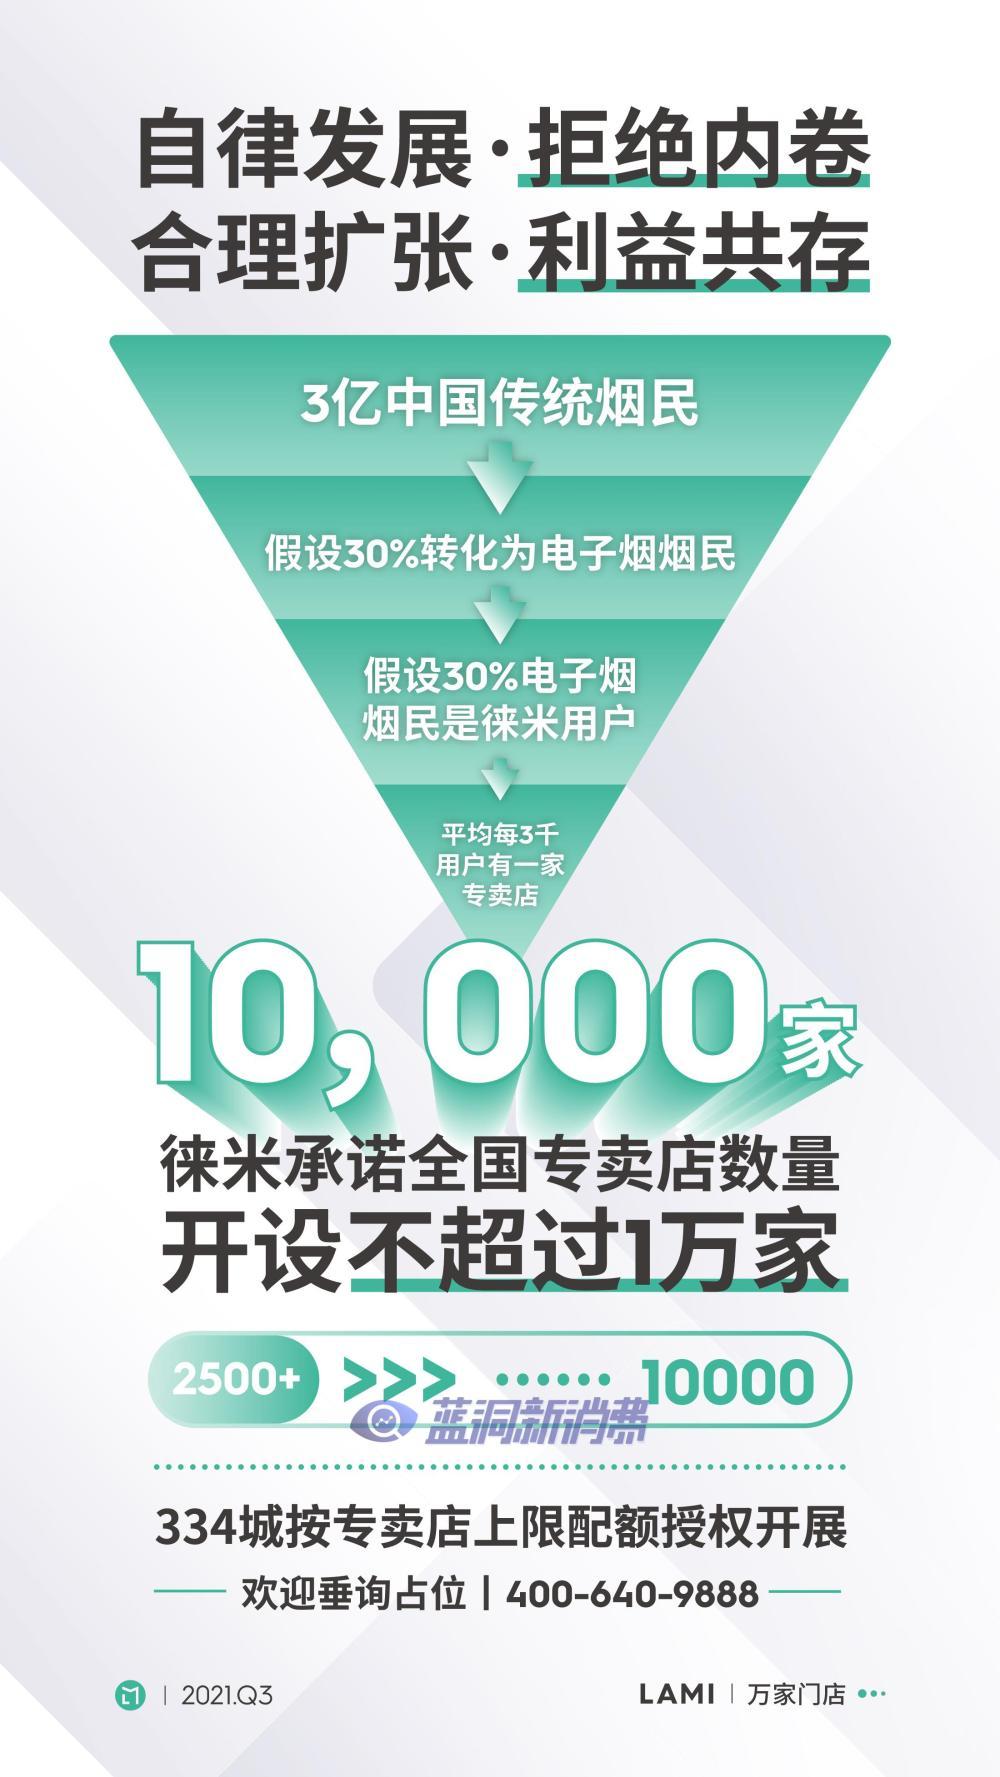 徕米电子烟发布新政:烟弹全面调整,承诺全国开店不超过10000家